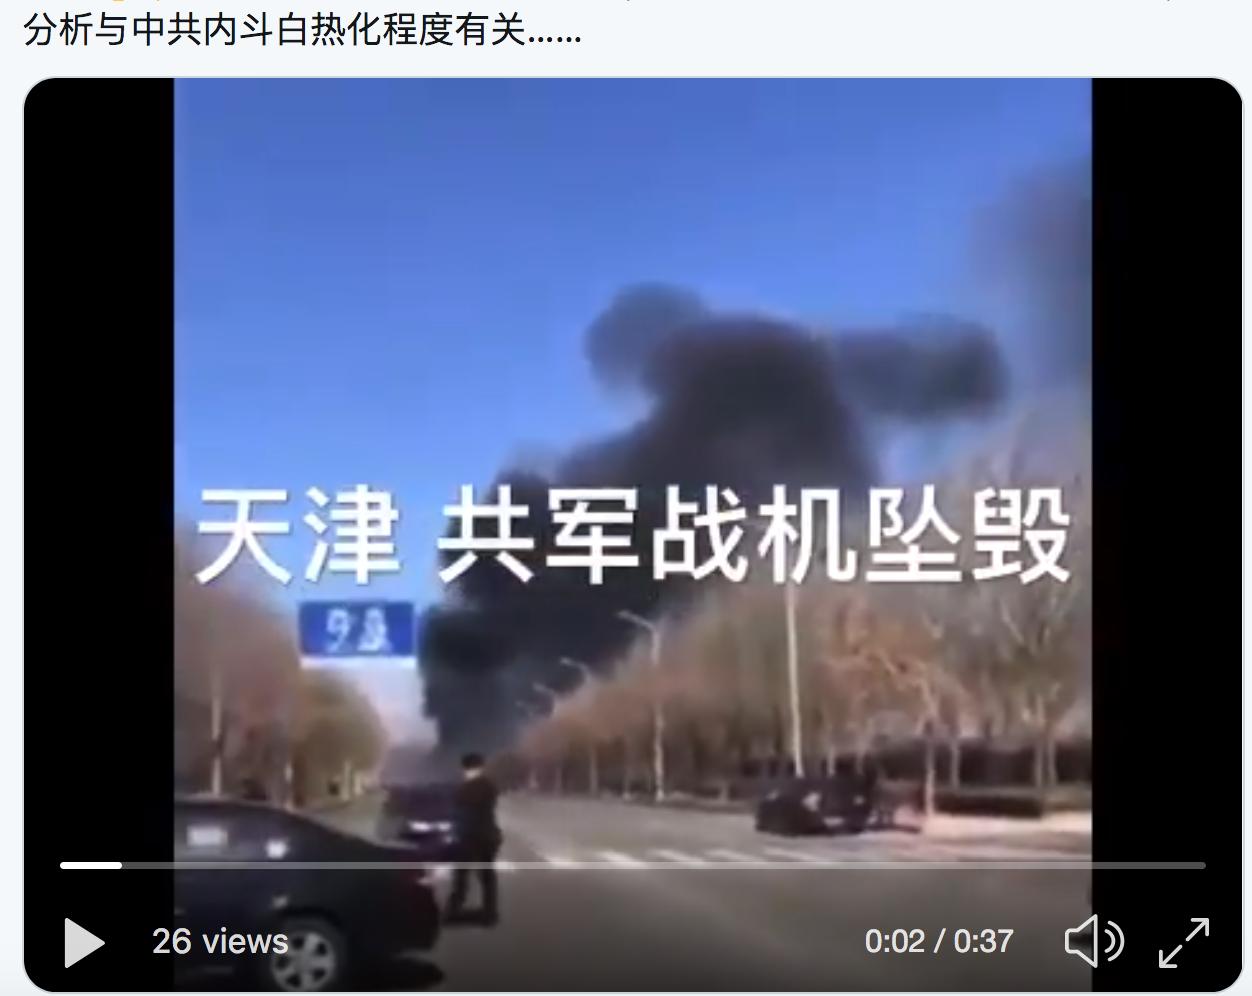 網絡熱傳的一個影片顯示,天津武清區2020年3月5日發生軍機墜毀事件。(影片截圖)